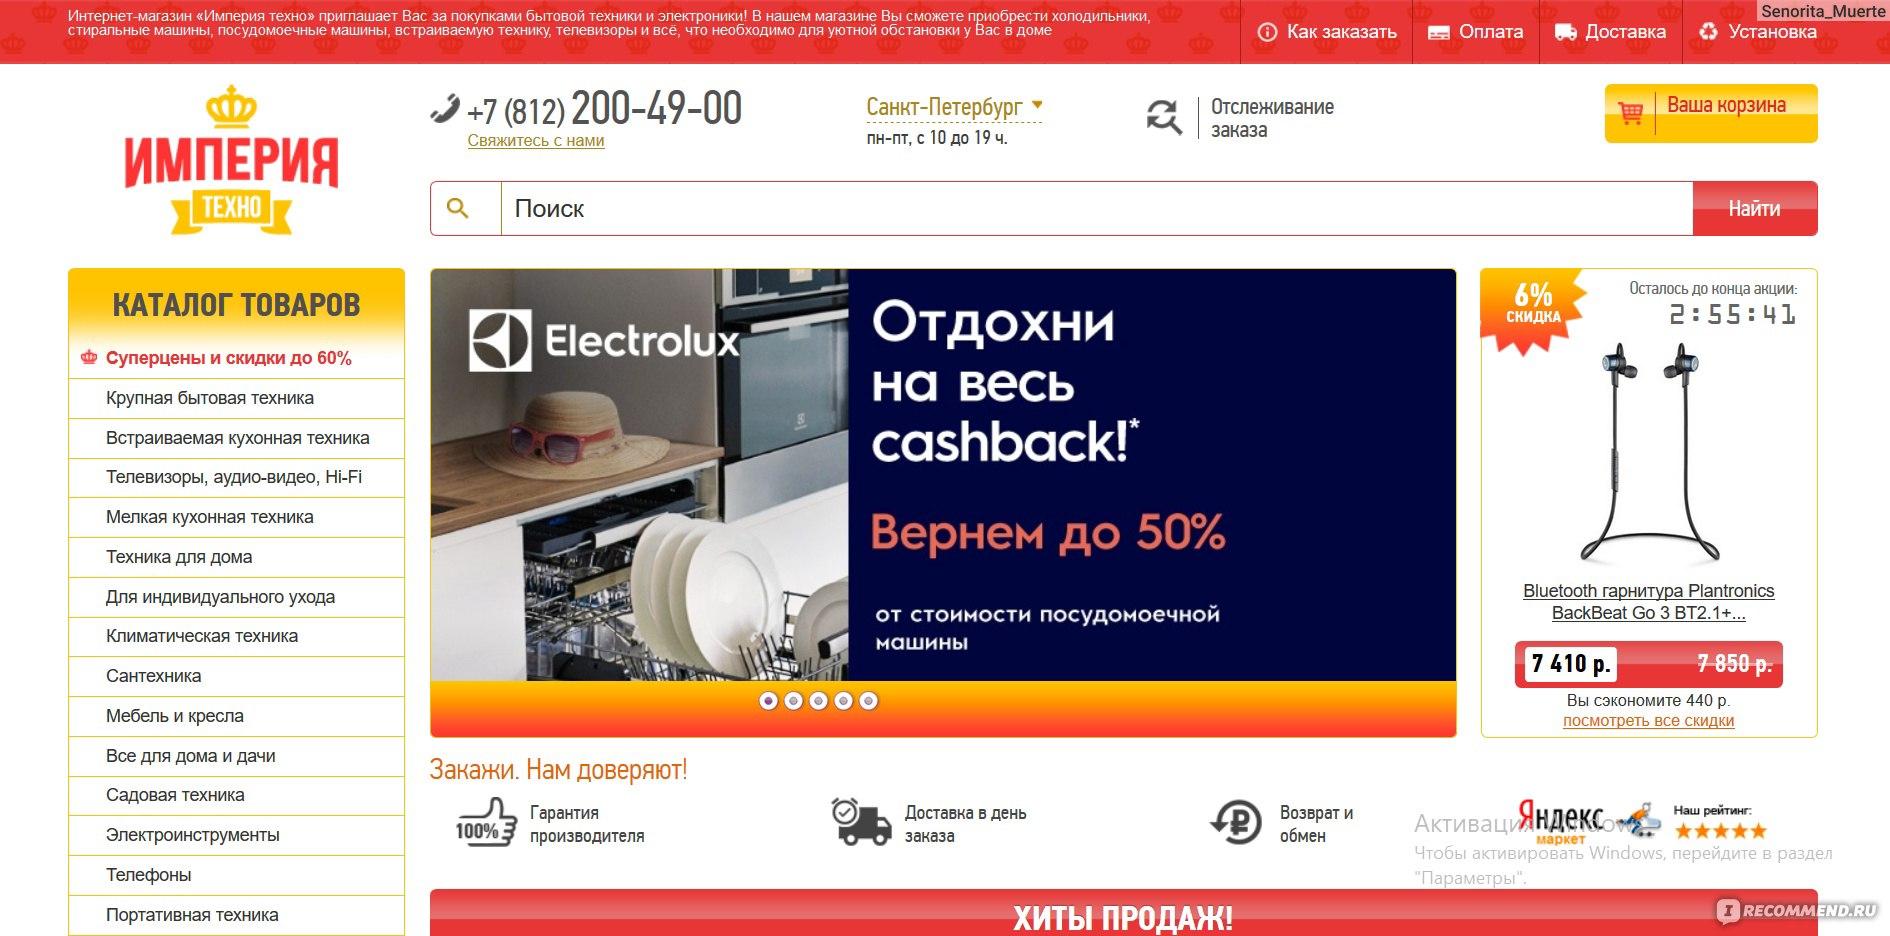 Империя Интернет Магазин Бытовой Техники Москва